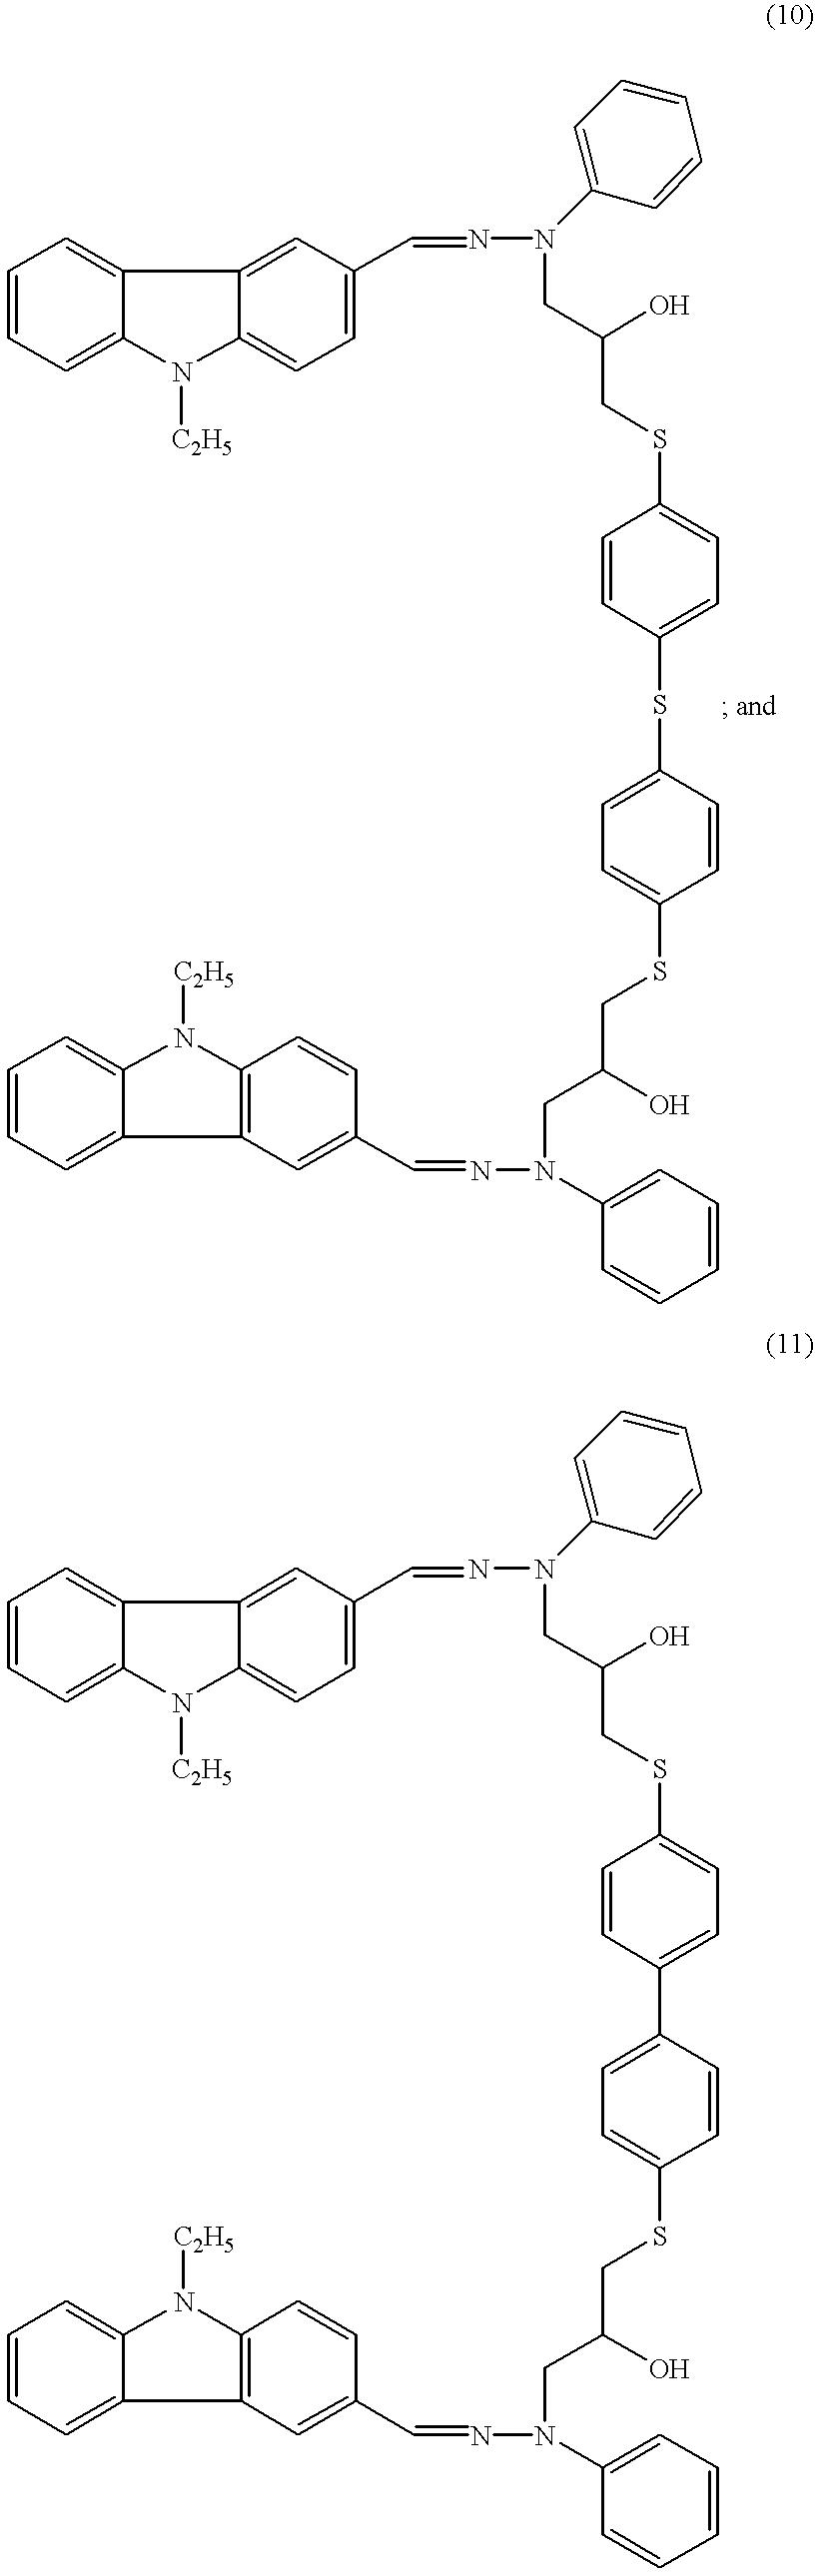 Figure US06214503-20010410-C00011